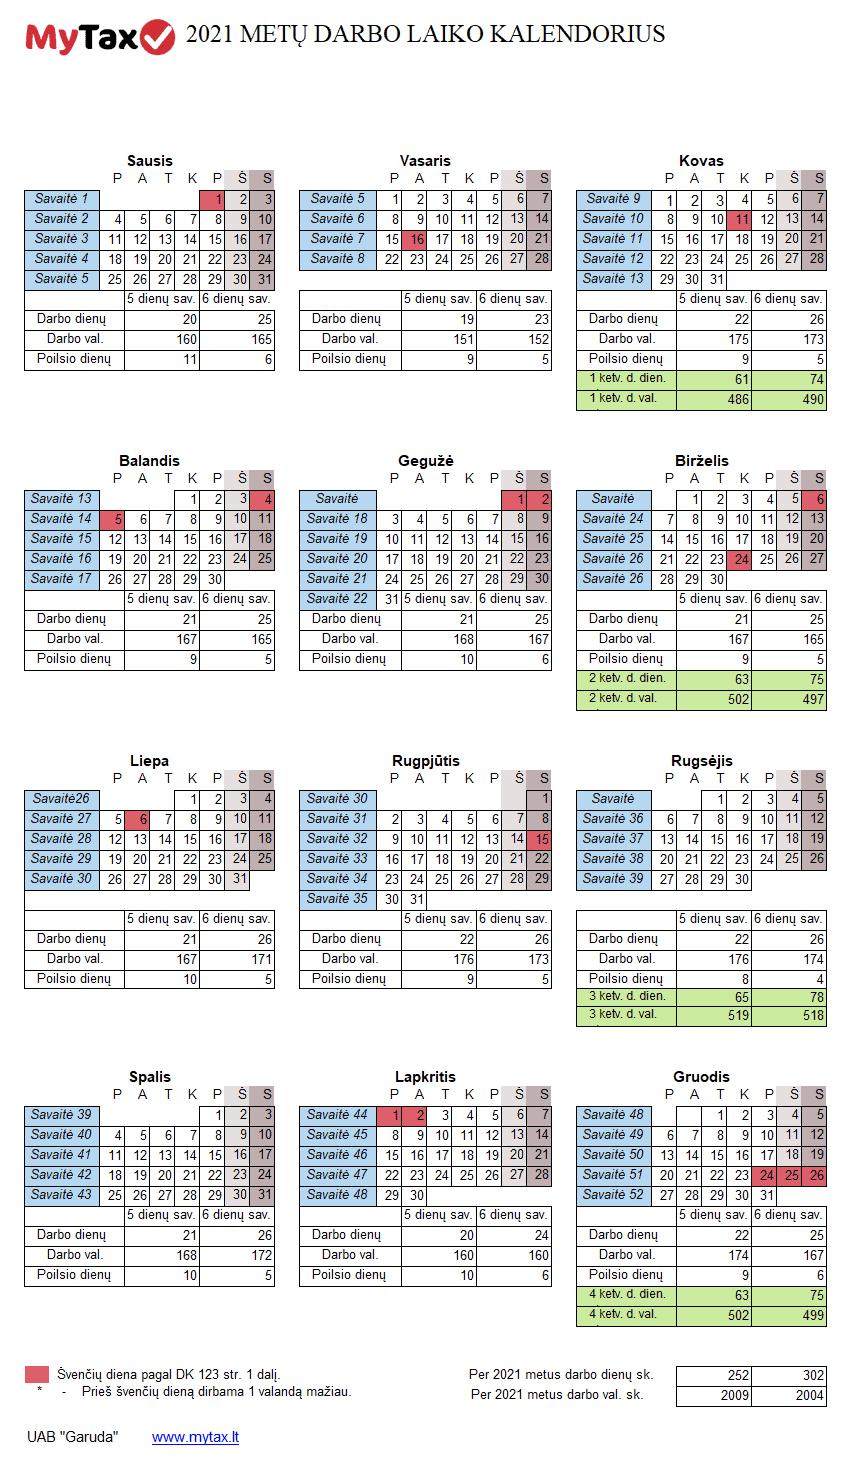 2021 metų darbo laiko kalendorius